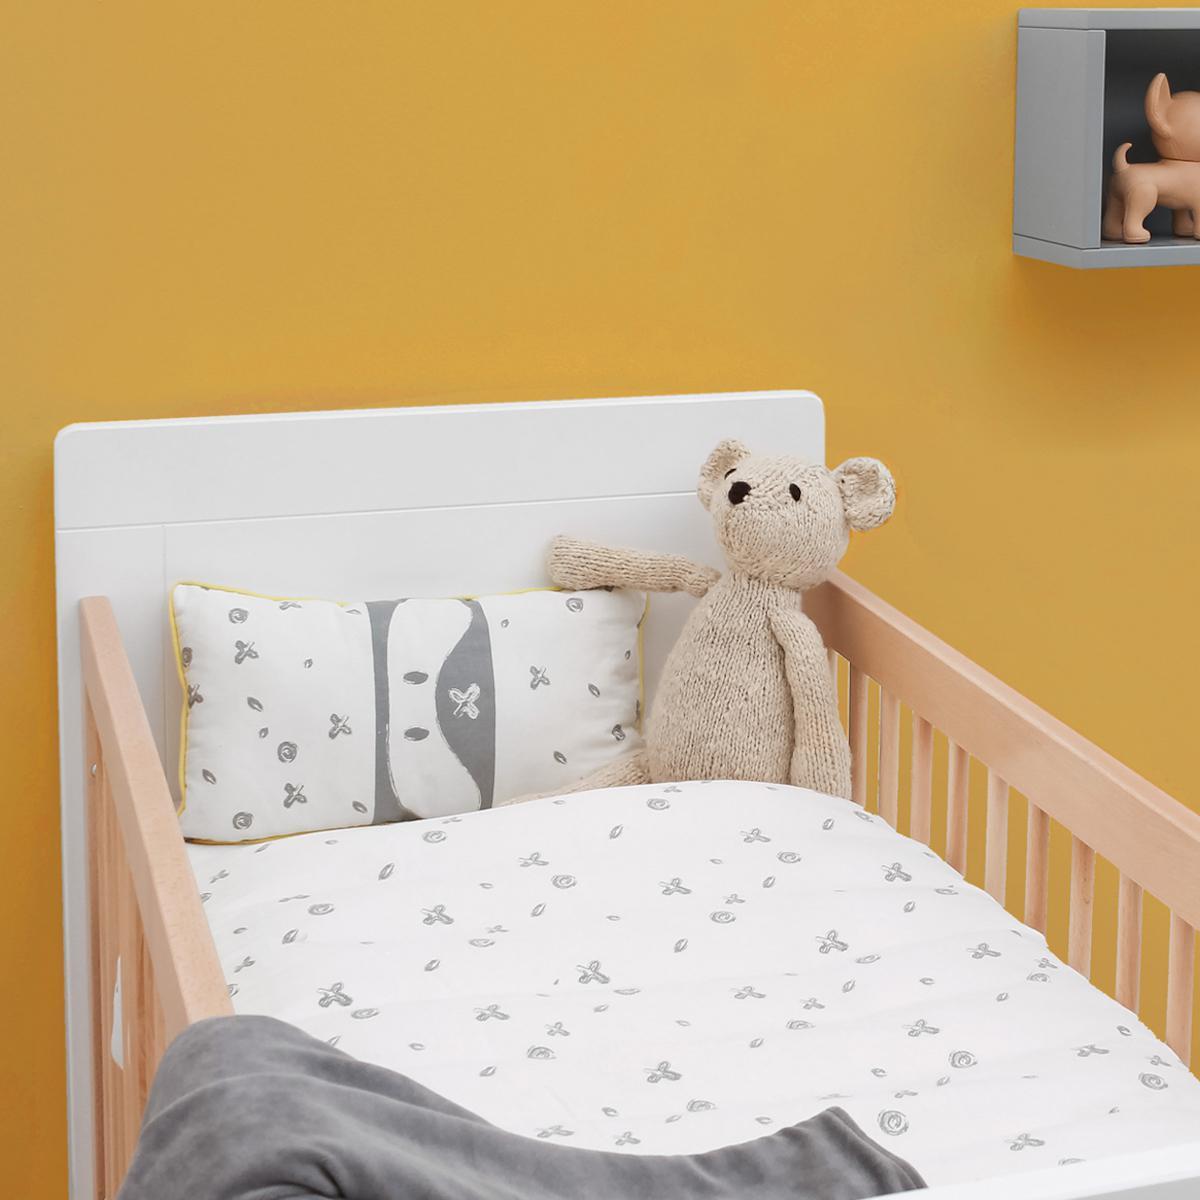 Cuna bebé 60x120cm LISA Bopita blanco-natural